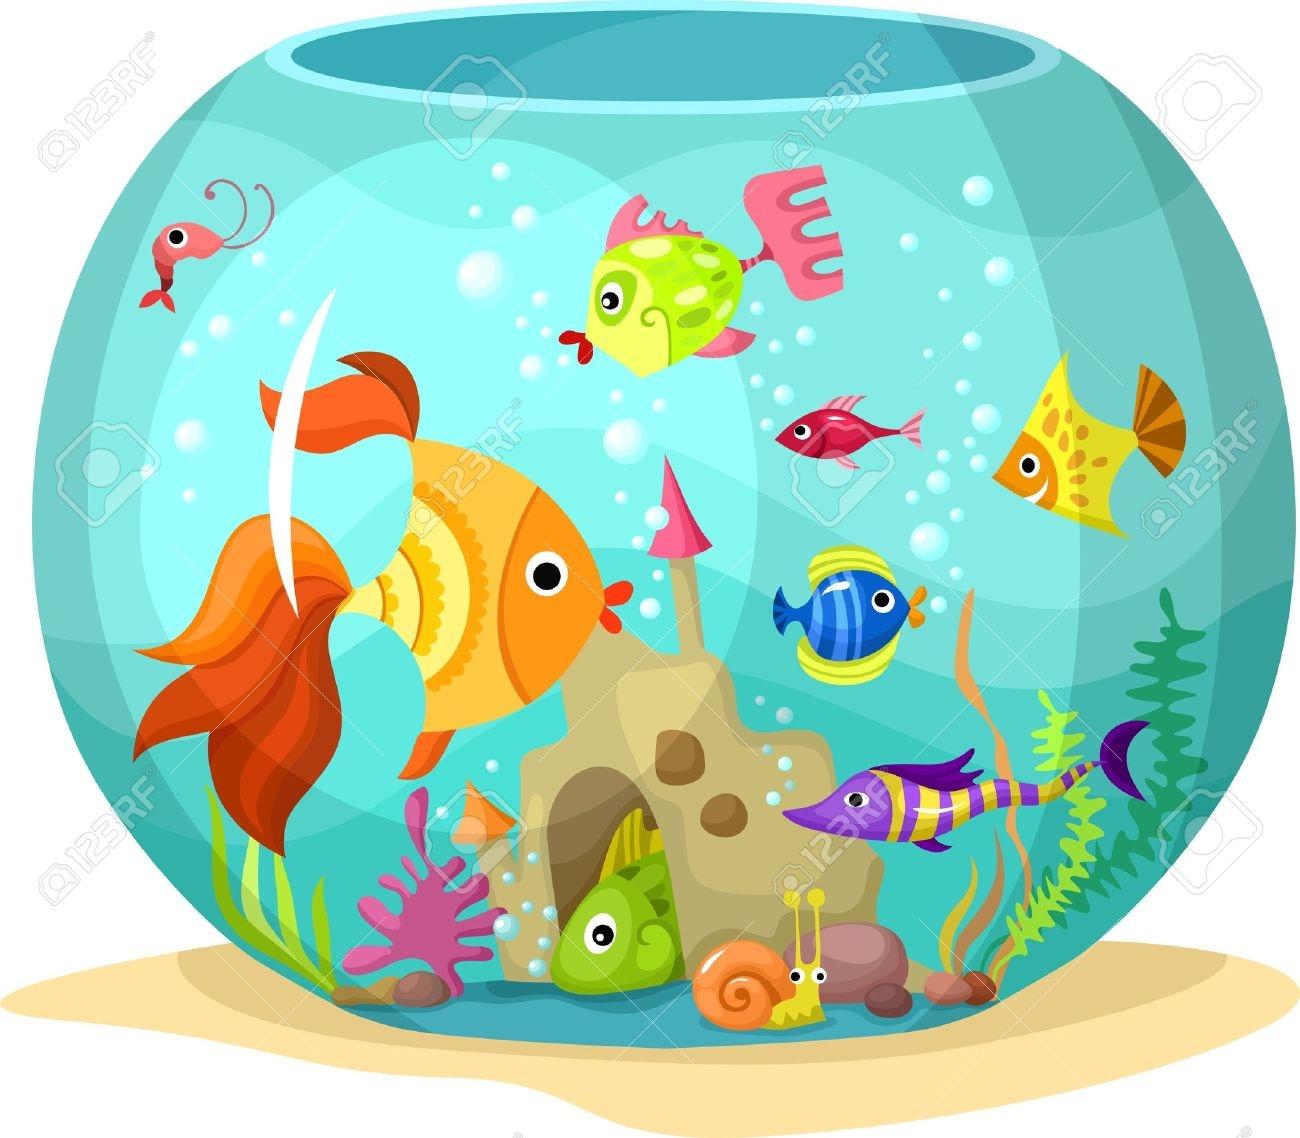 Aquarium clipart turtle. Fish in clip art